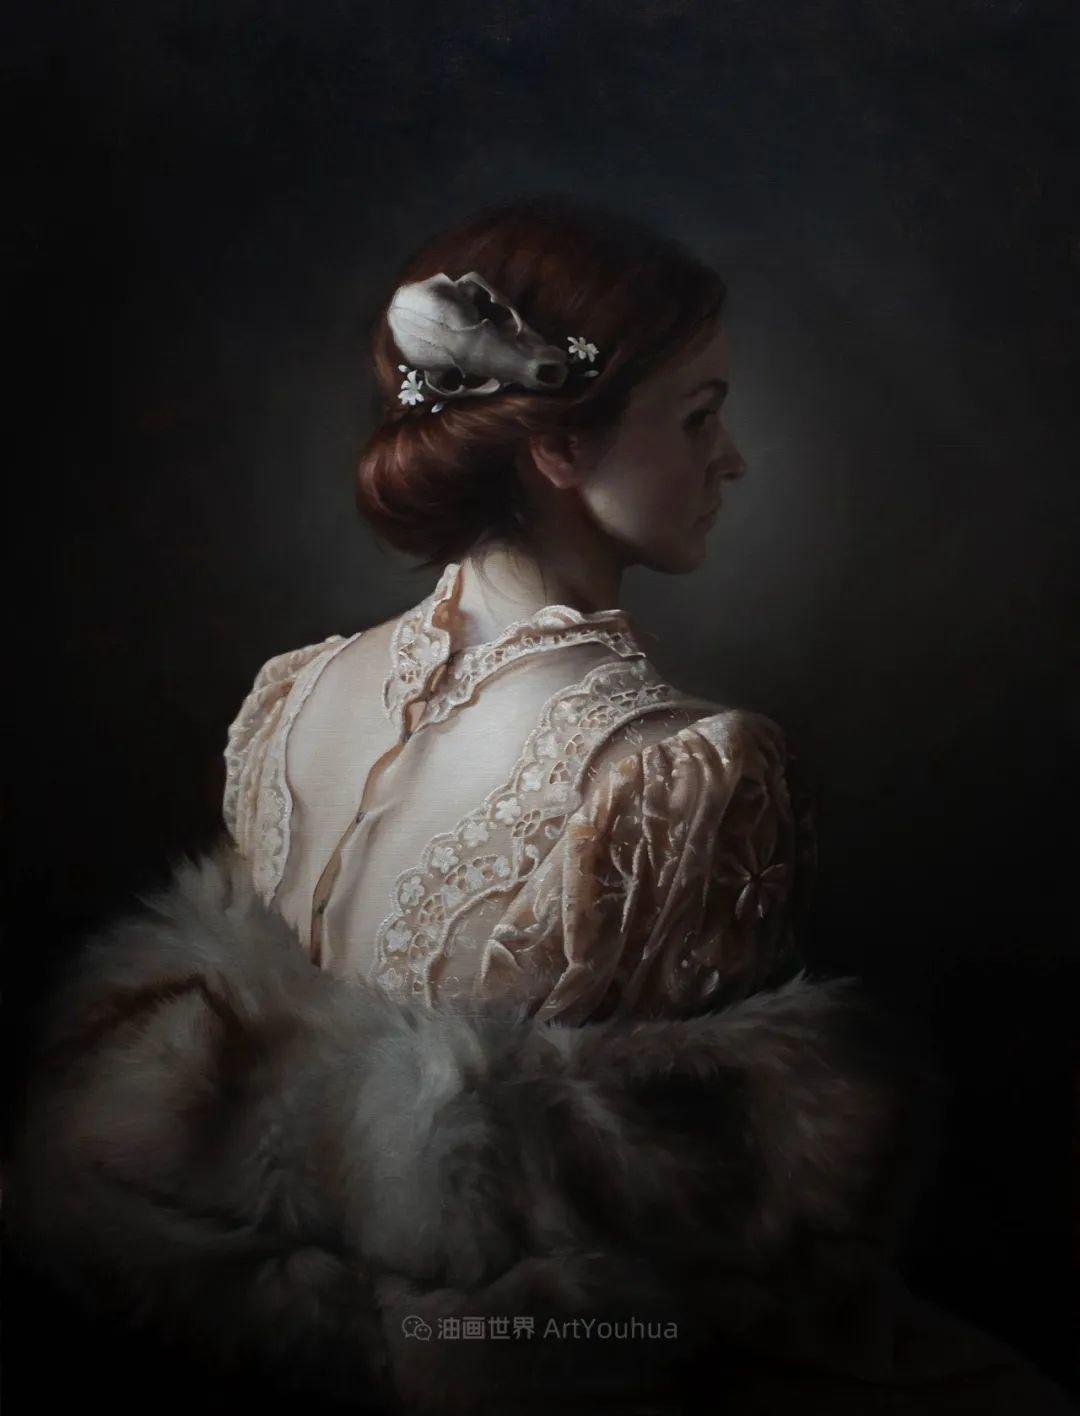 细致入微的静物与肖像,加拿大女画家凯瑟琳·斯通插图7